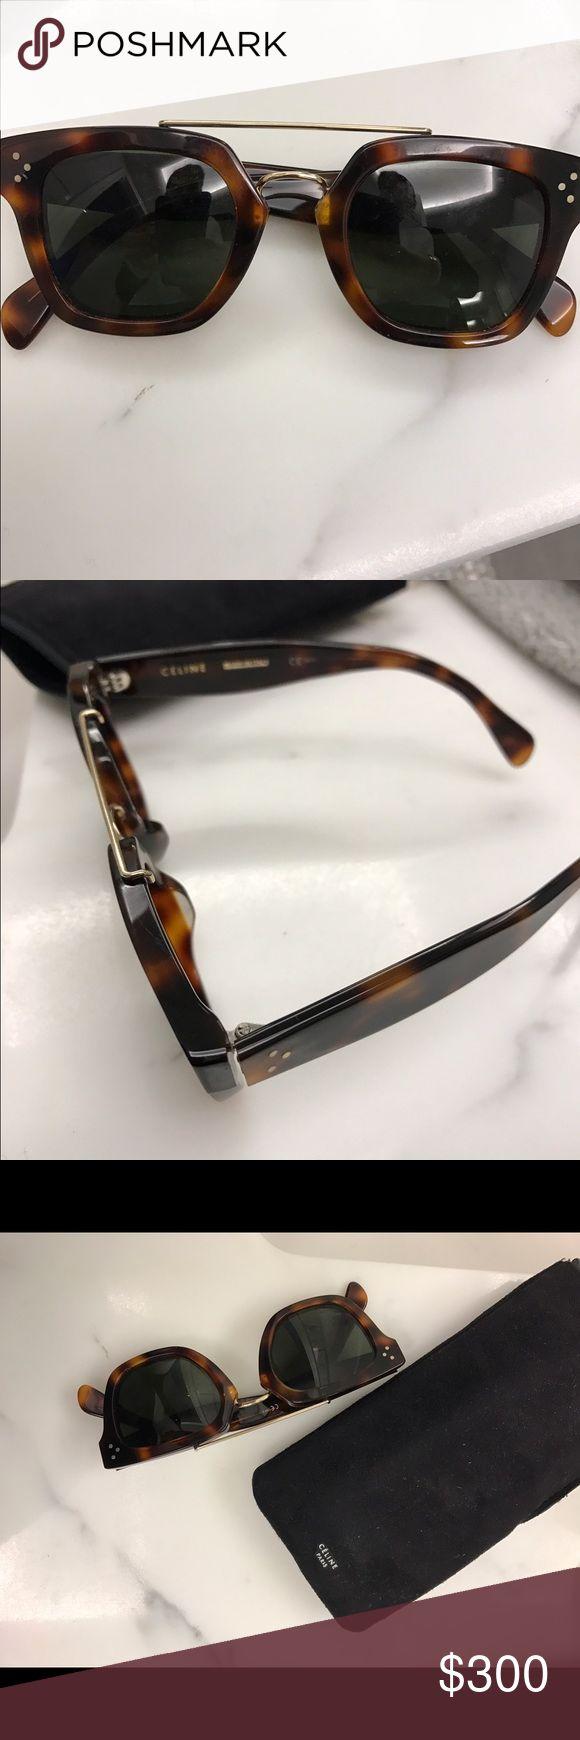 Celine tortoise sunglasses Square framed tortoise sunglasses Celine Celine Accessories Glasses